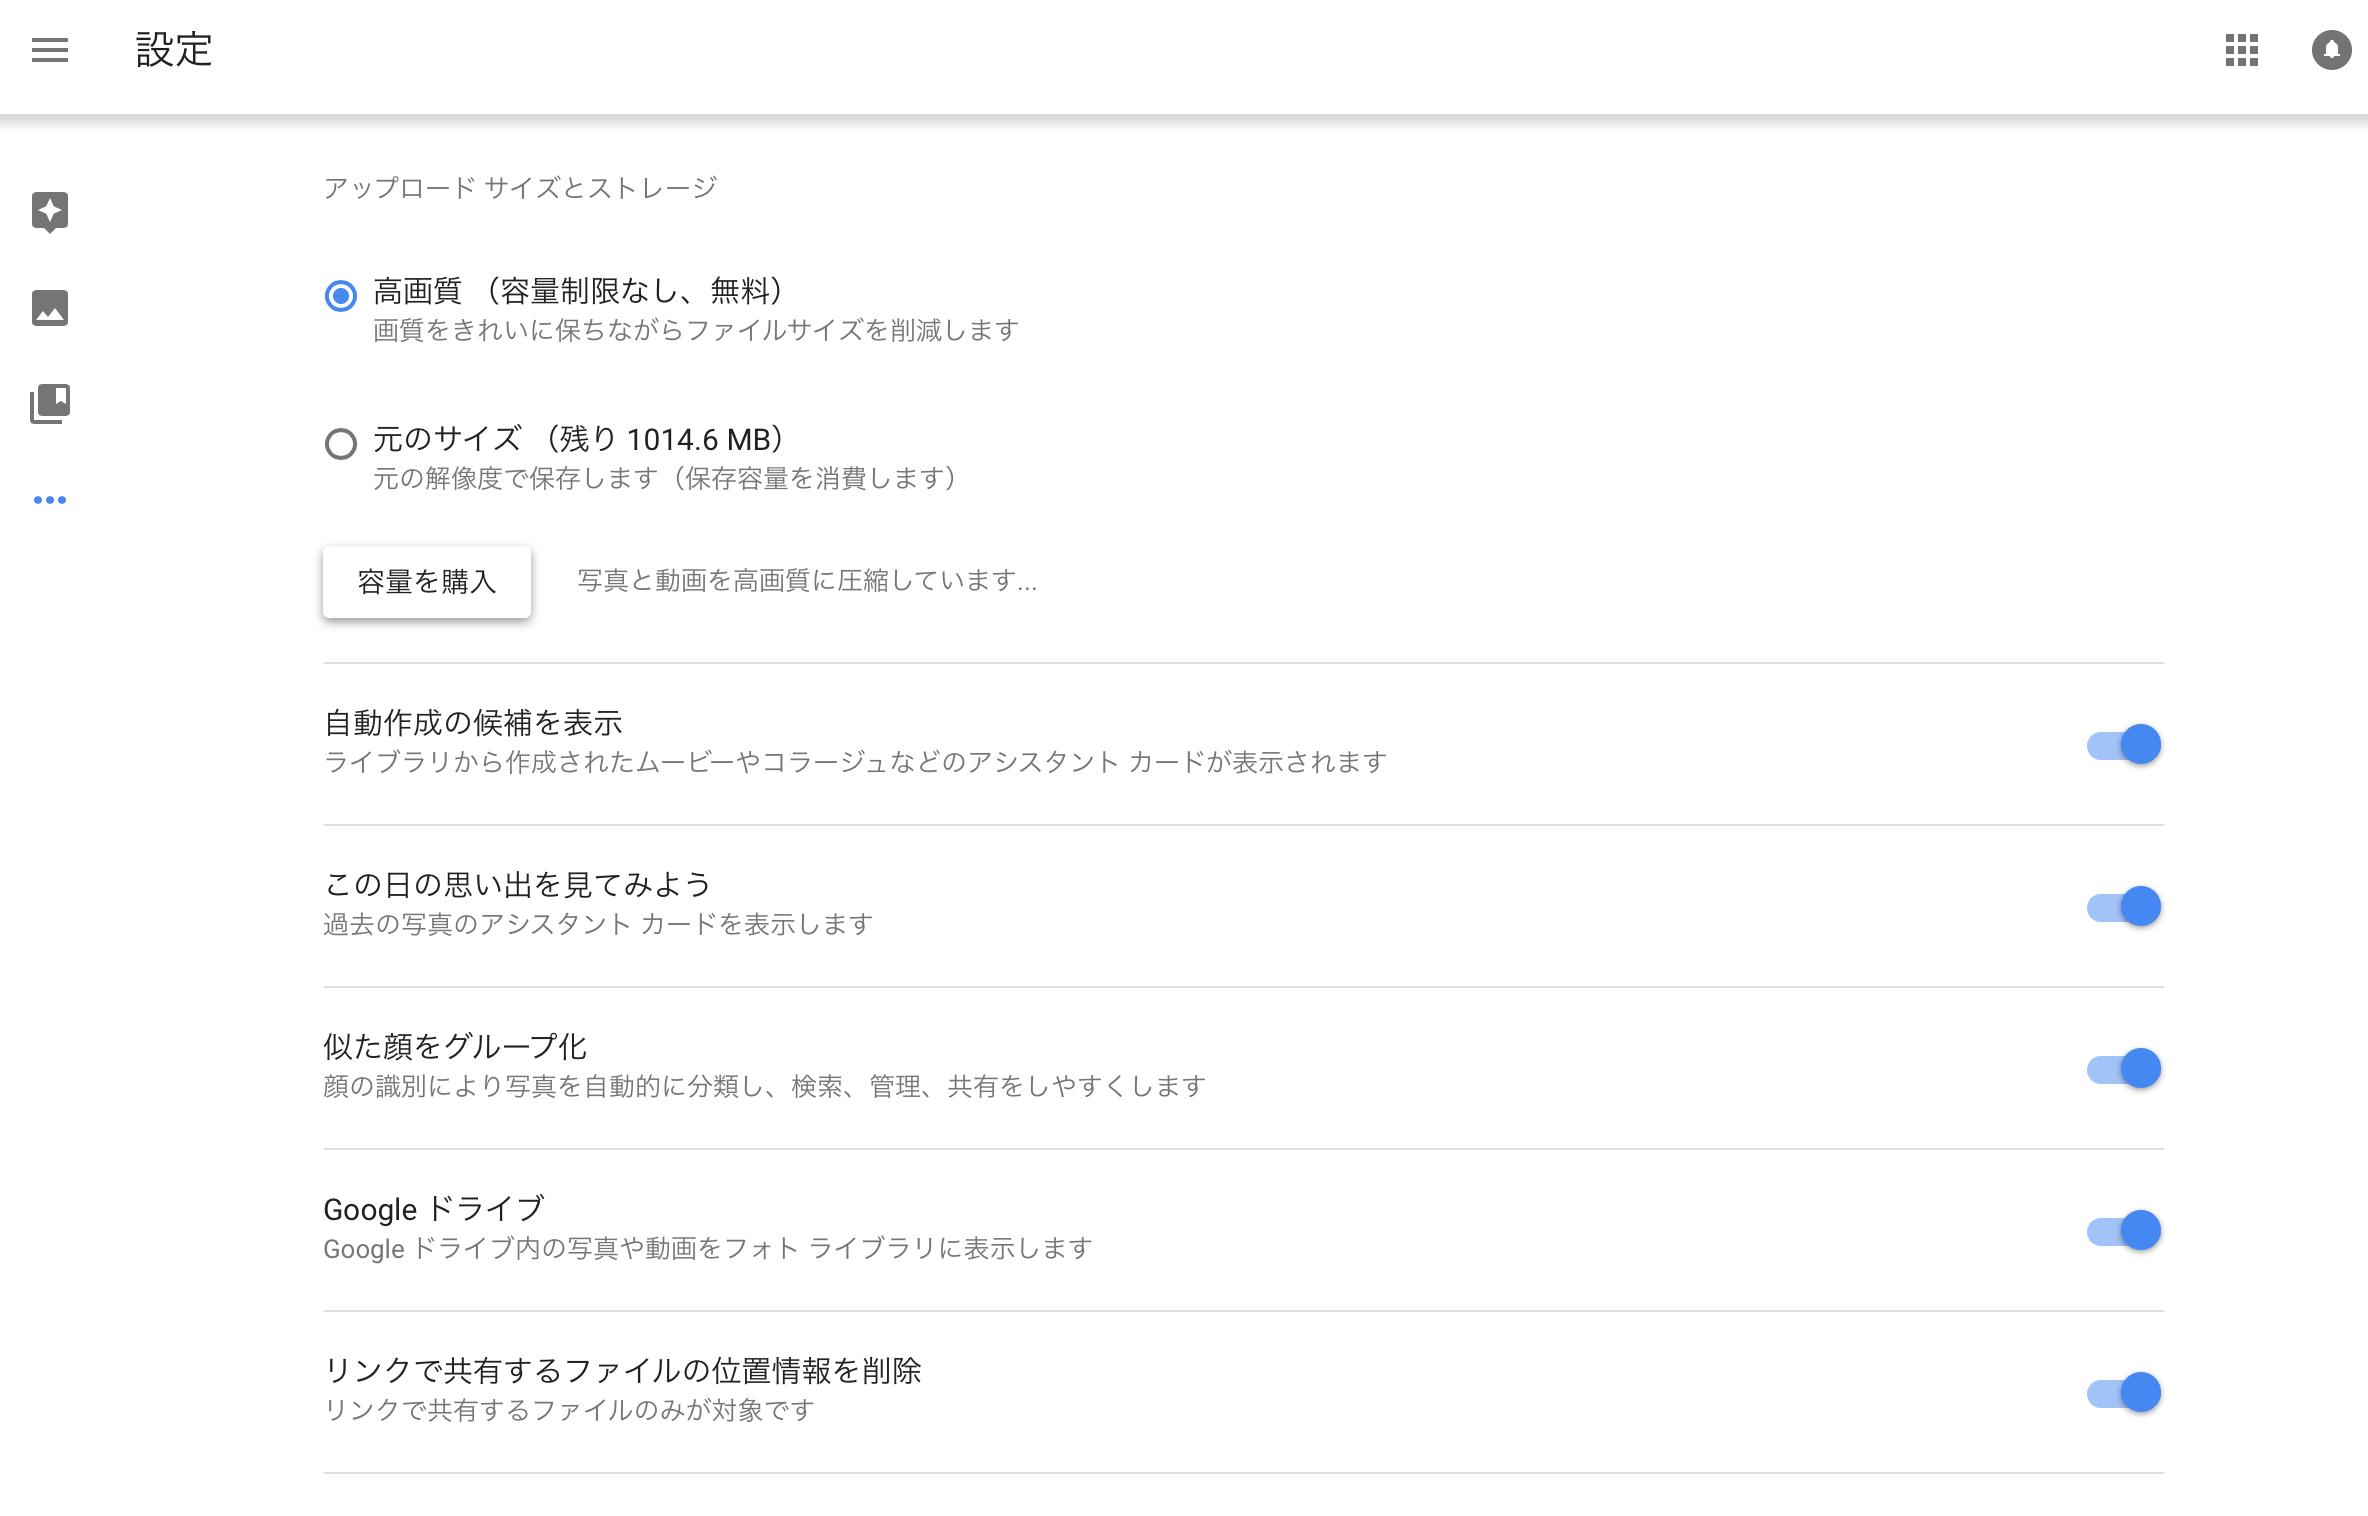 スクリーンショット 2015-12-04 20.14.36